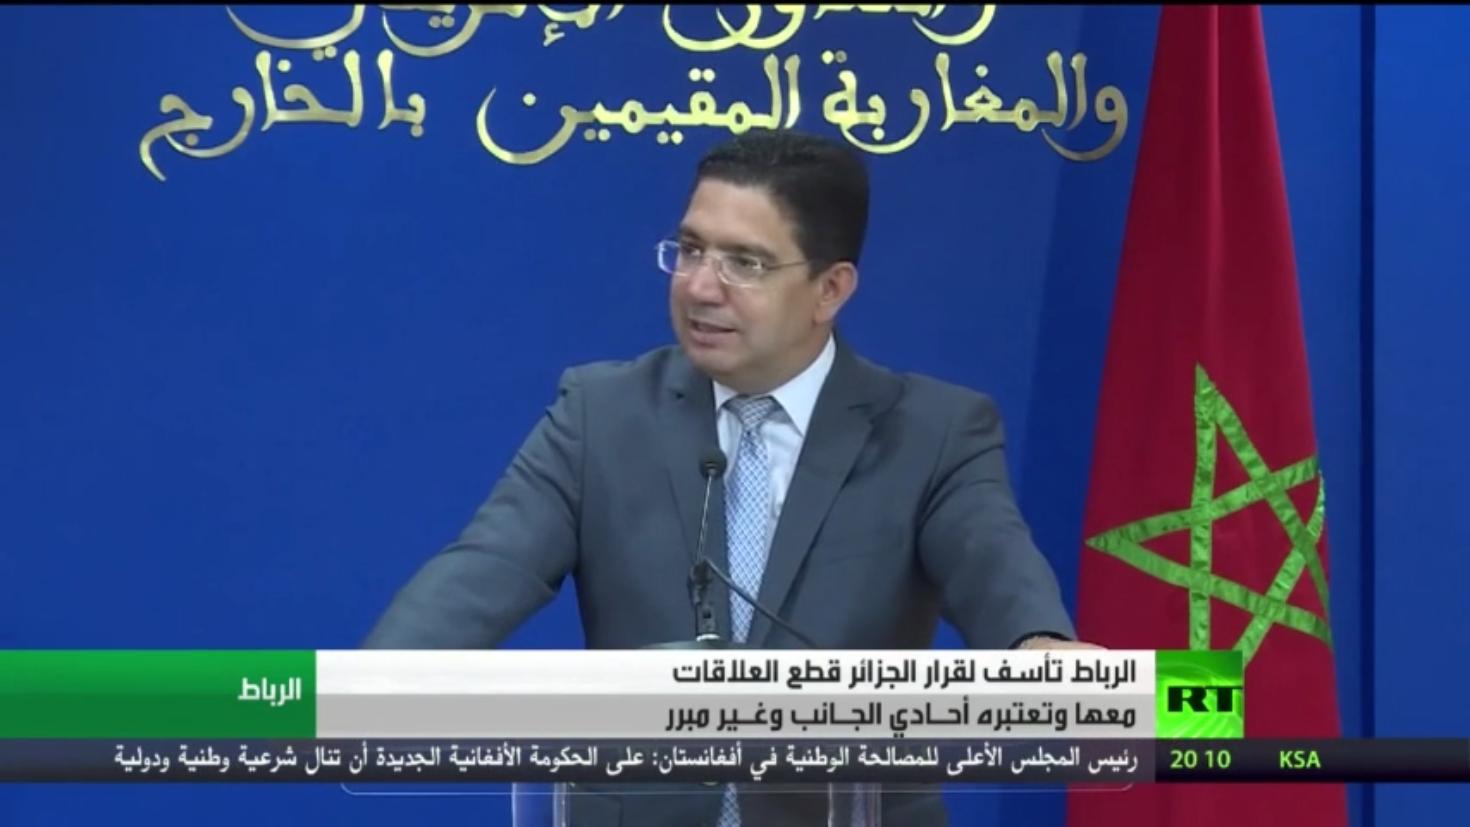 الرباط: نأسف لقرار الجزائر قطع العلاقات